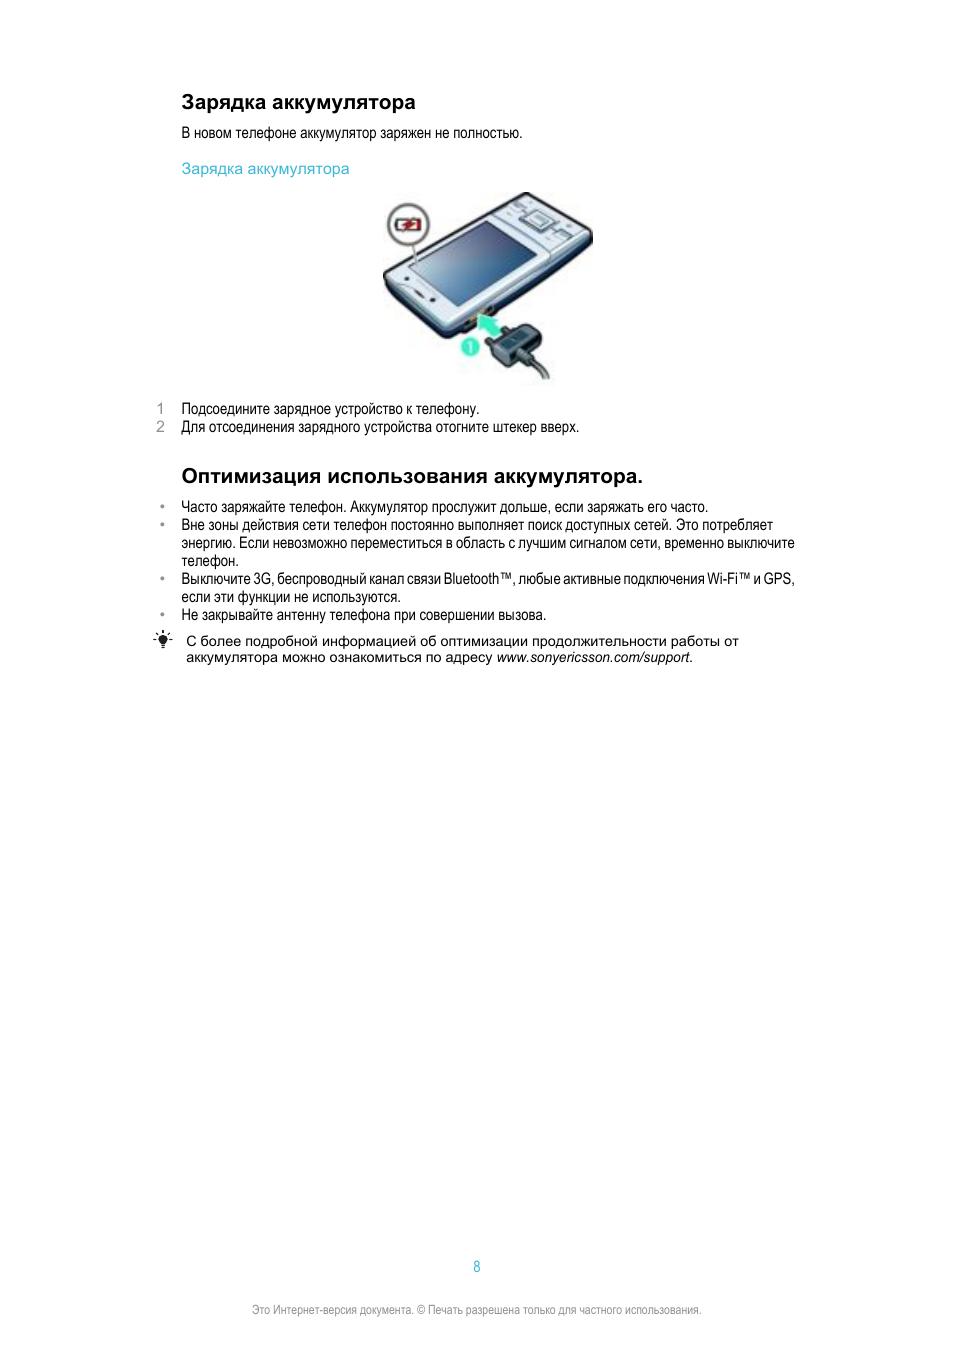 Зарядка аккумулятора, Оптимизация использования аккумулятора